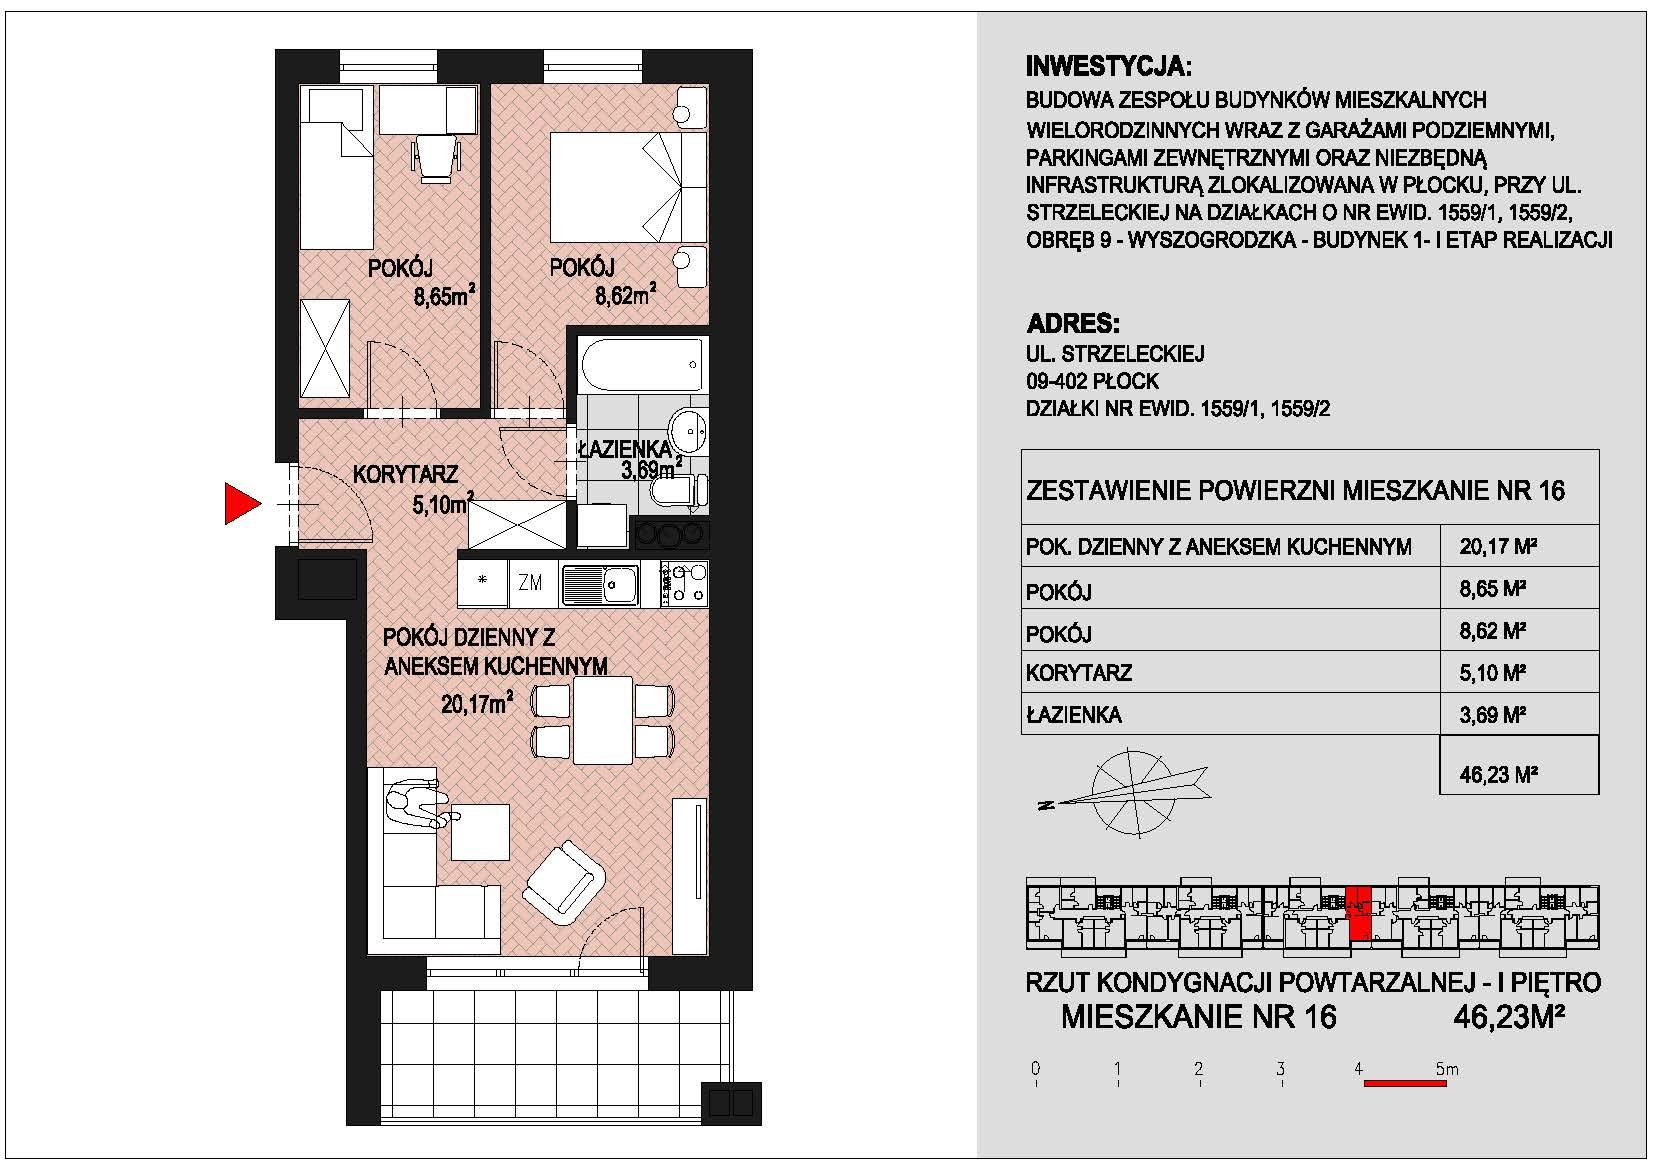 mieszkanie nr 16 PIK Płock